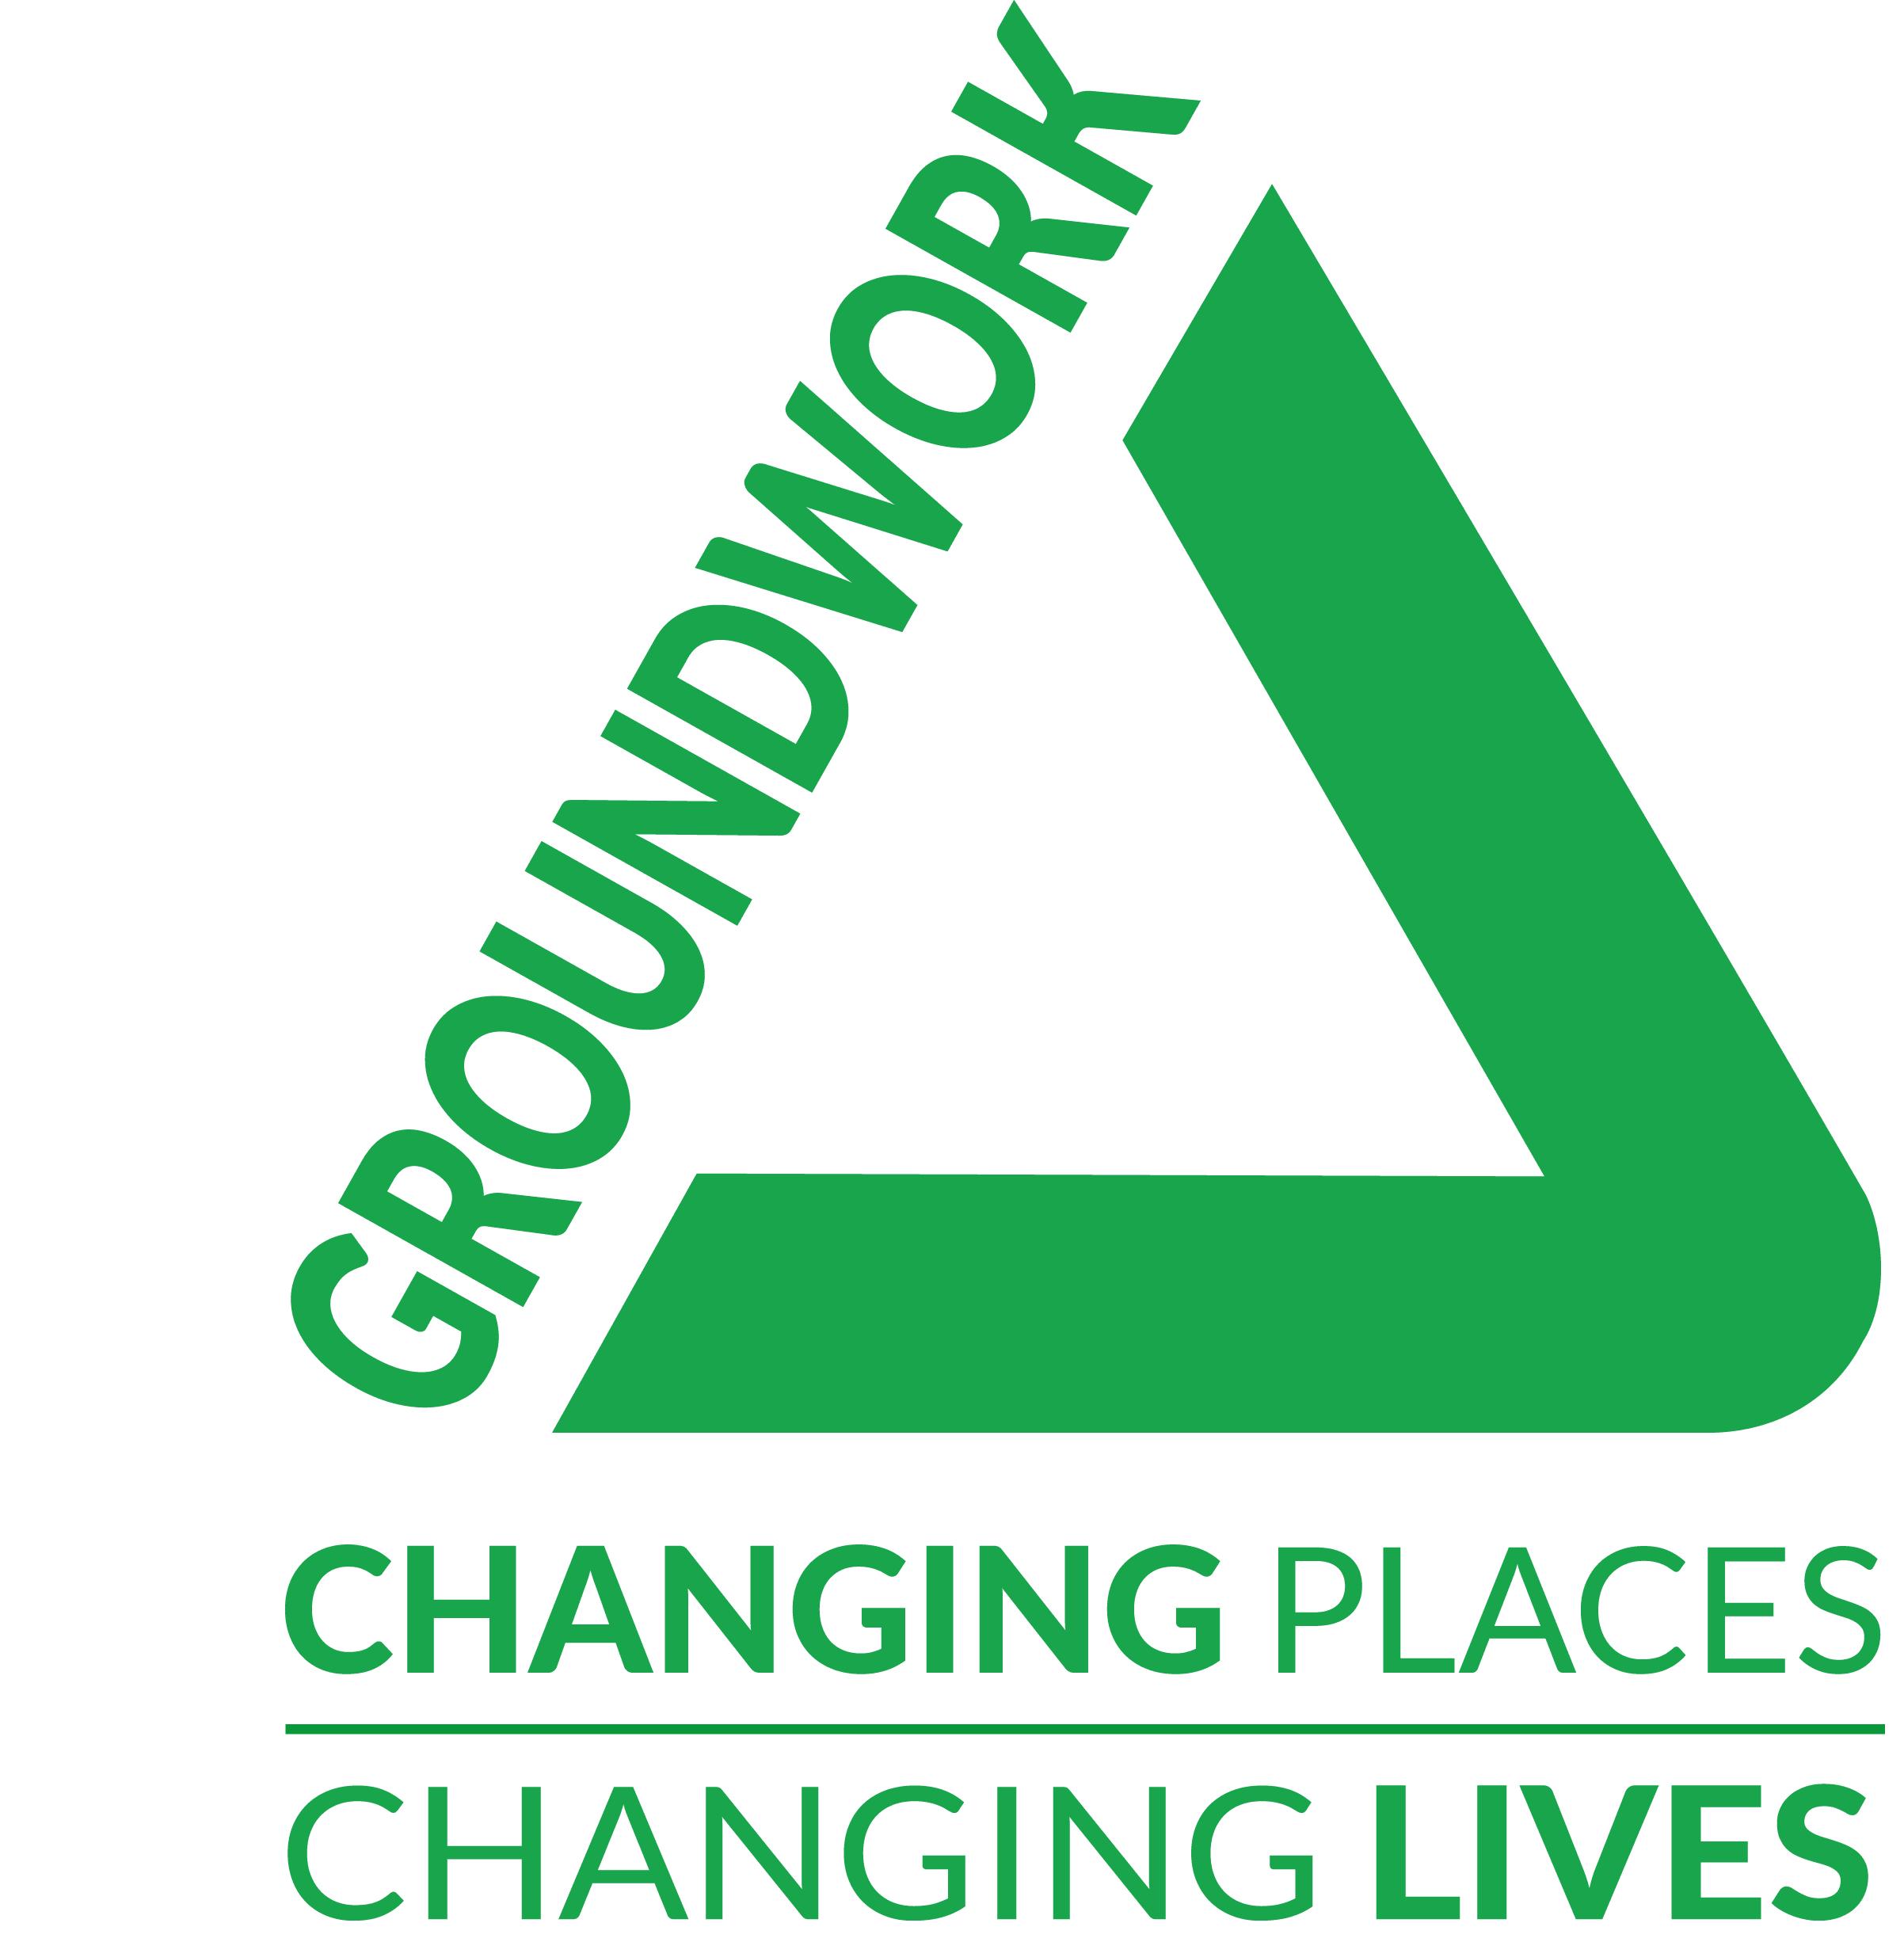 Groundwork Greater Nottingham